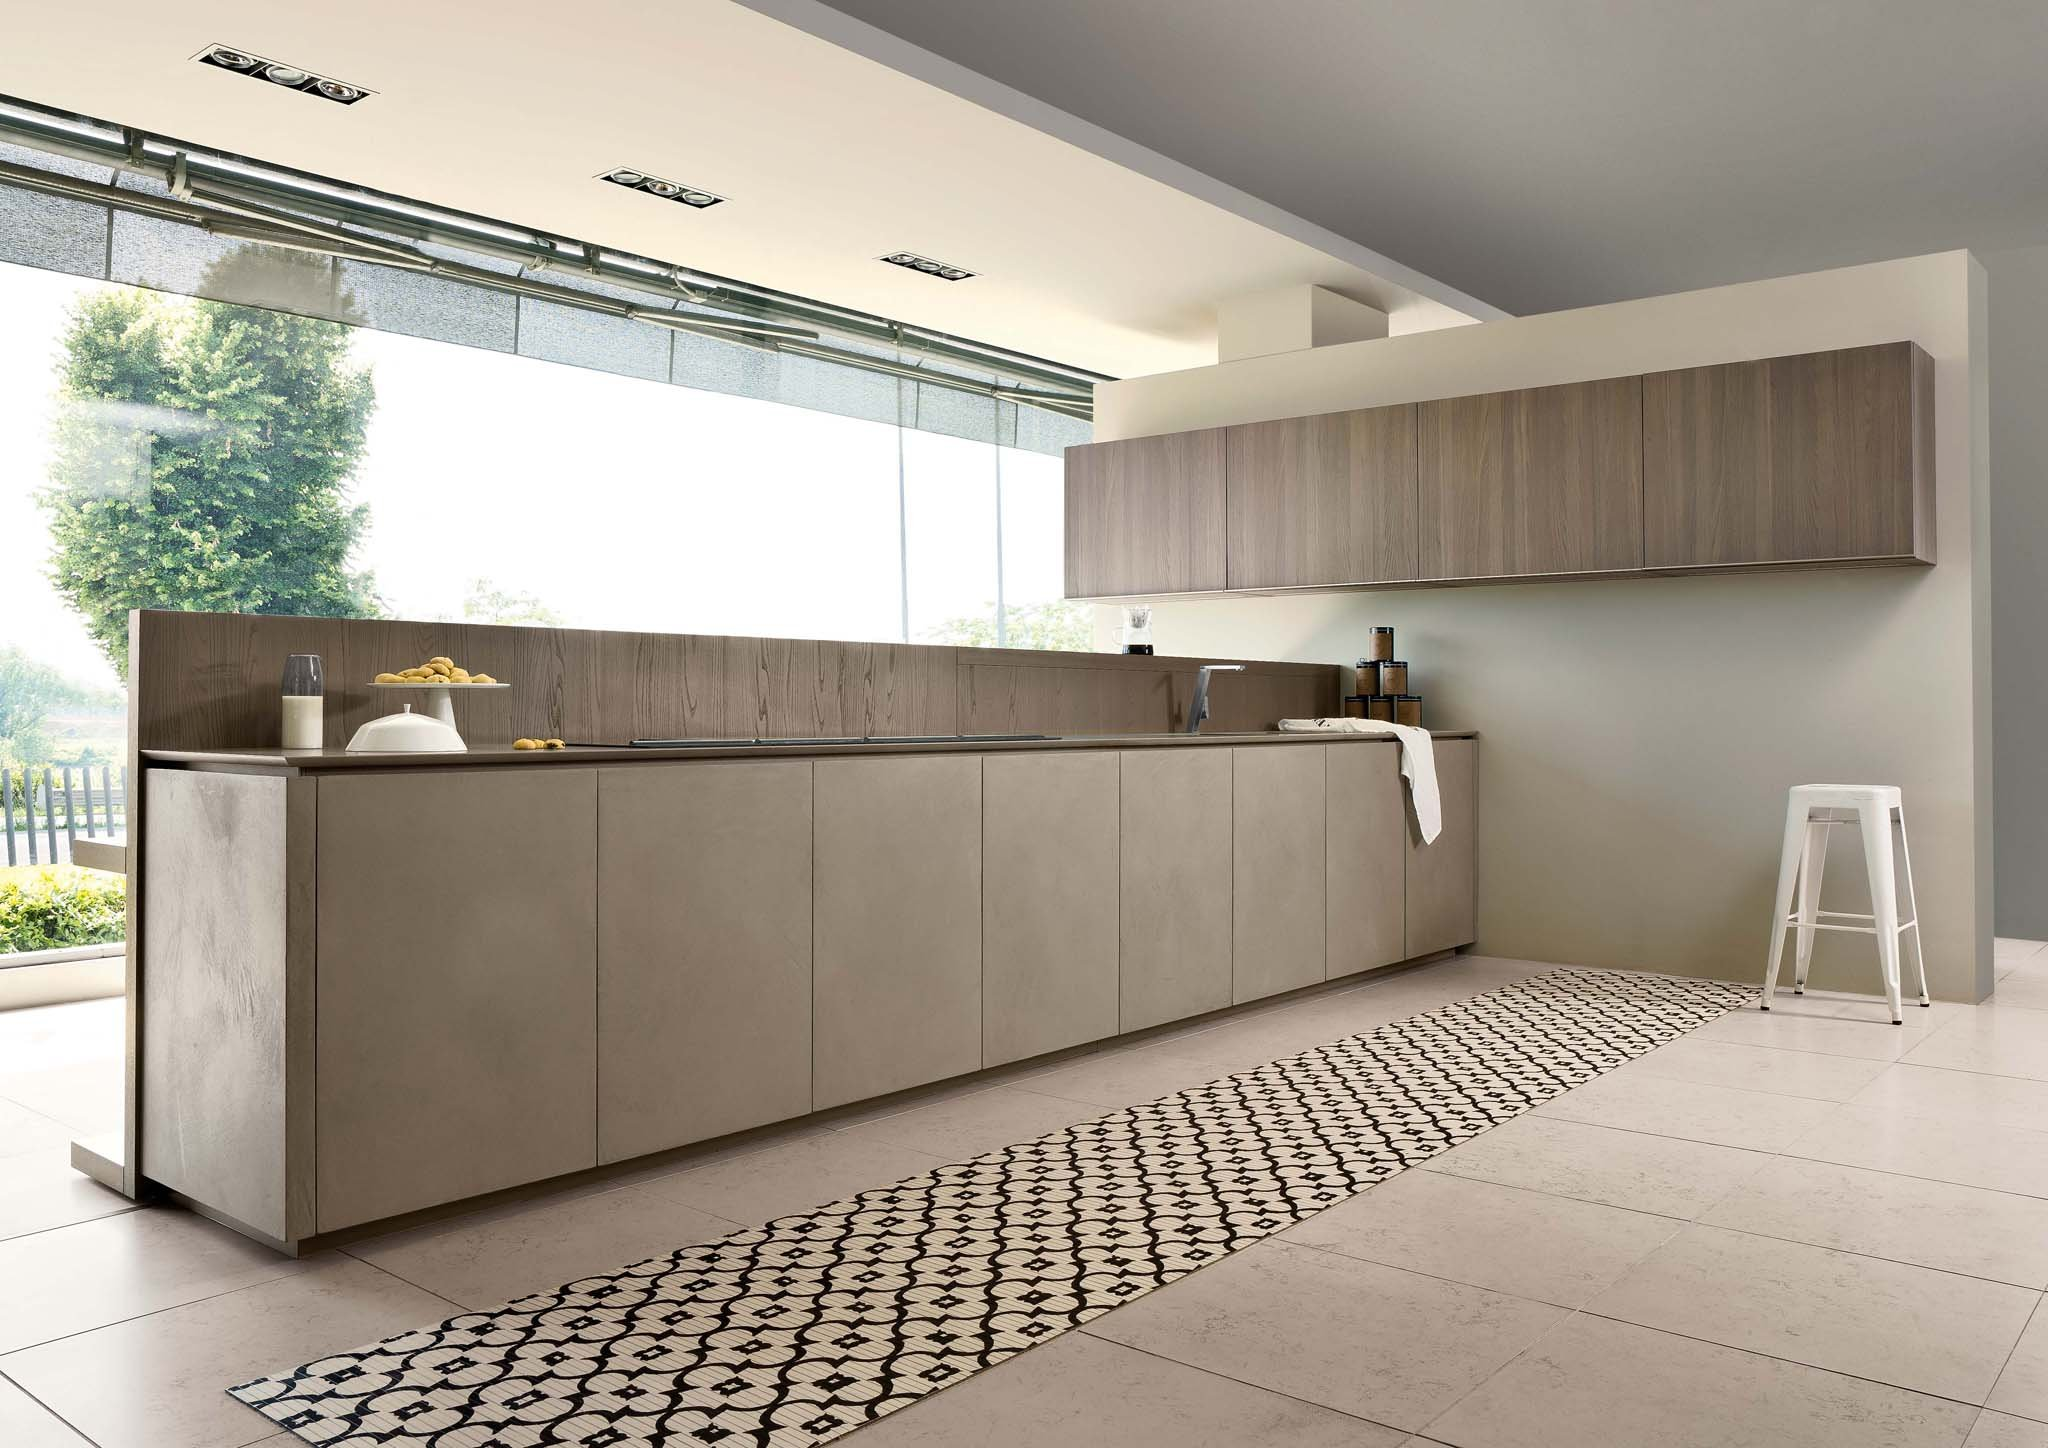 Cucine minimal ed essenziali cose di casa - Top cucina moderna ...